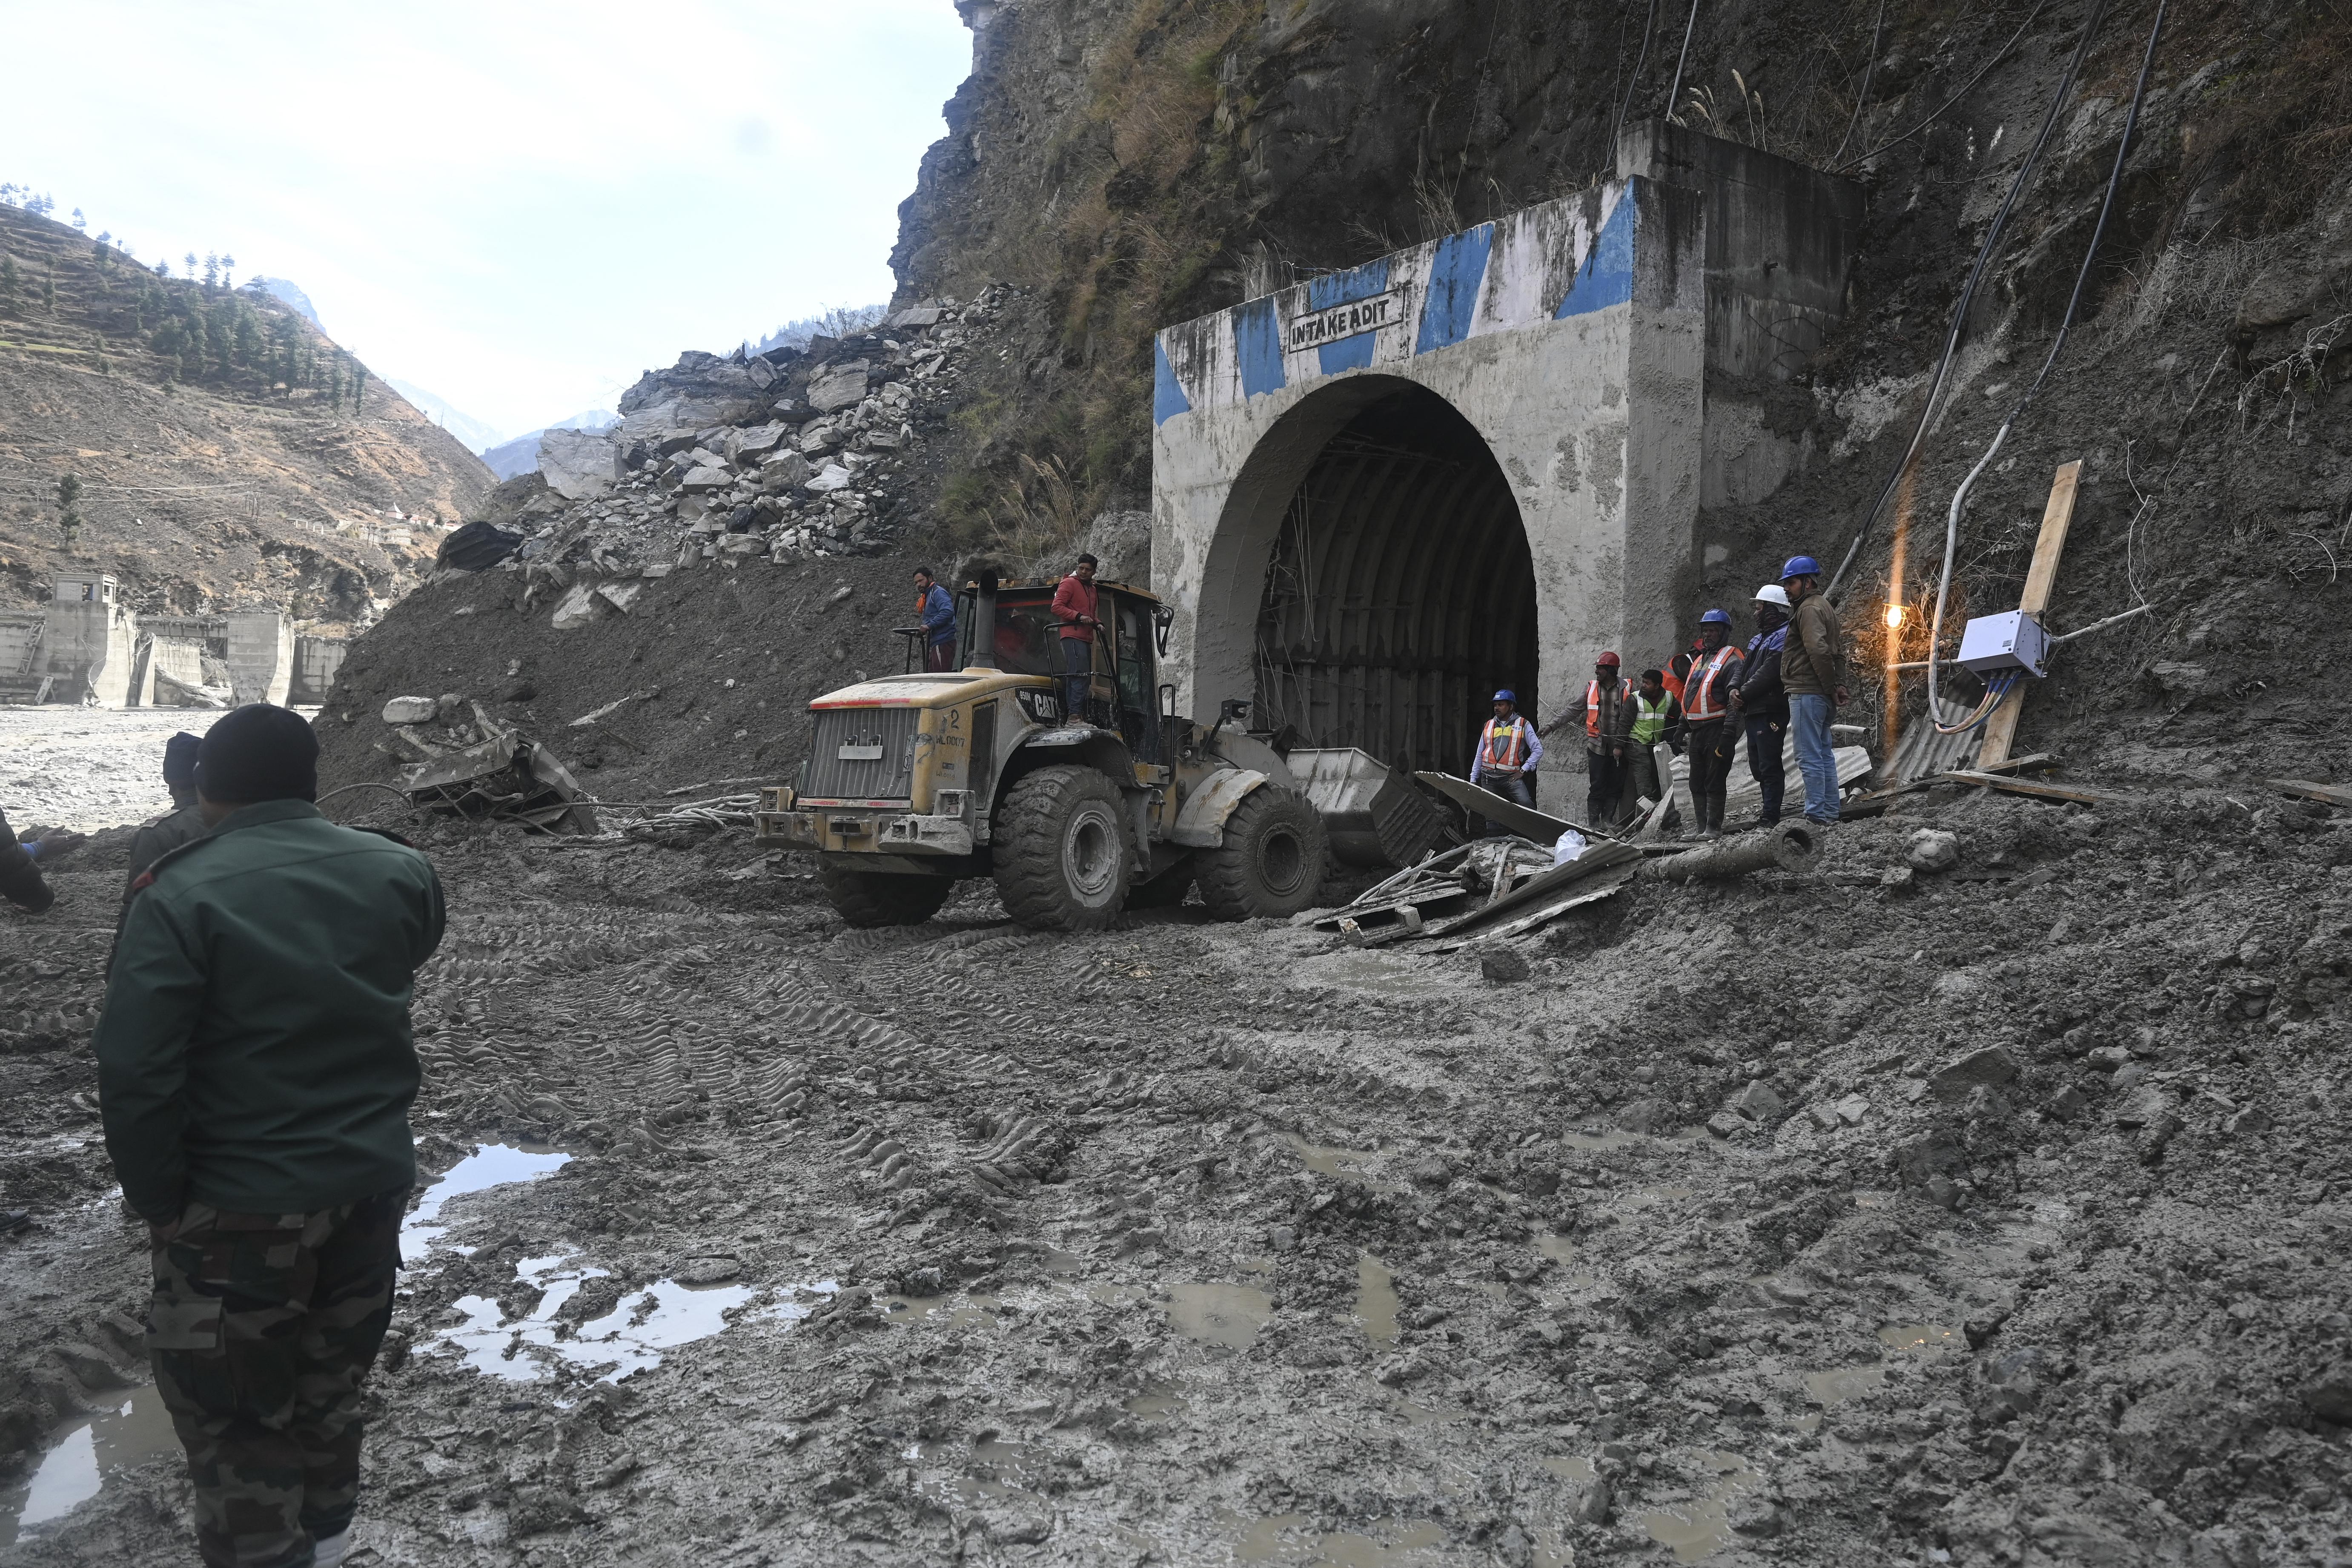 Több mint 30 ember rekedt egy alagútban az indiai gleccserszakadás után